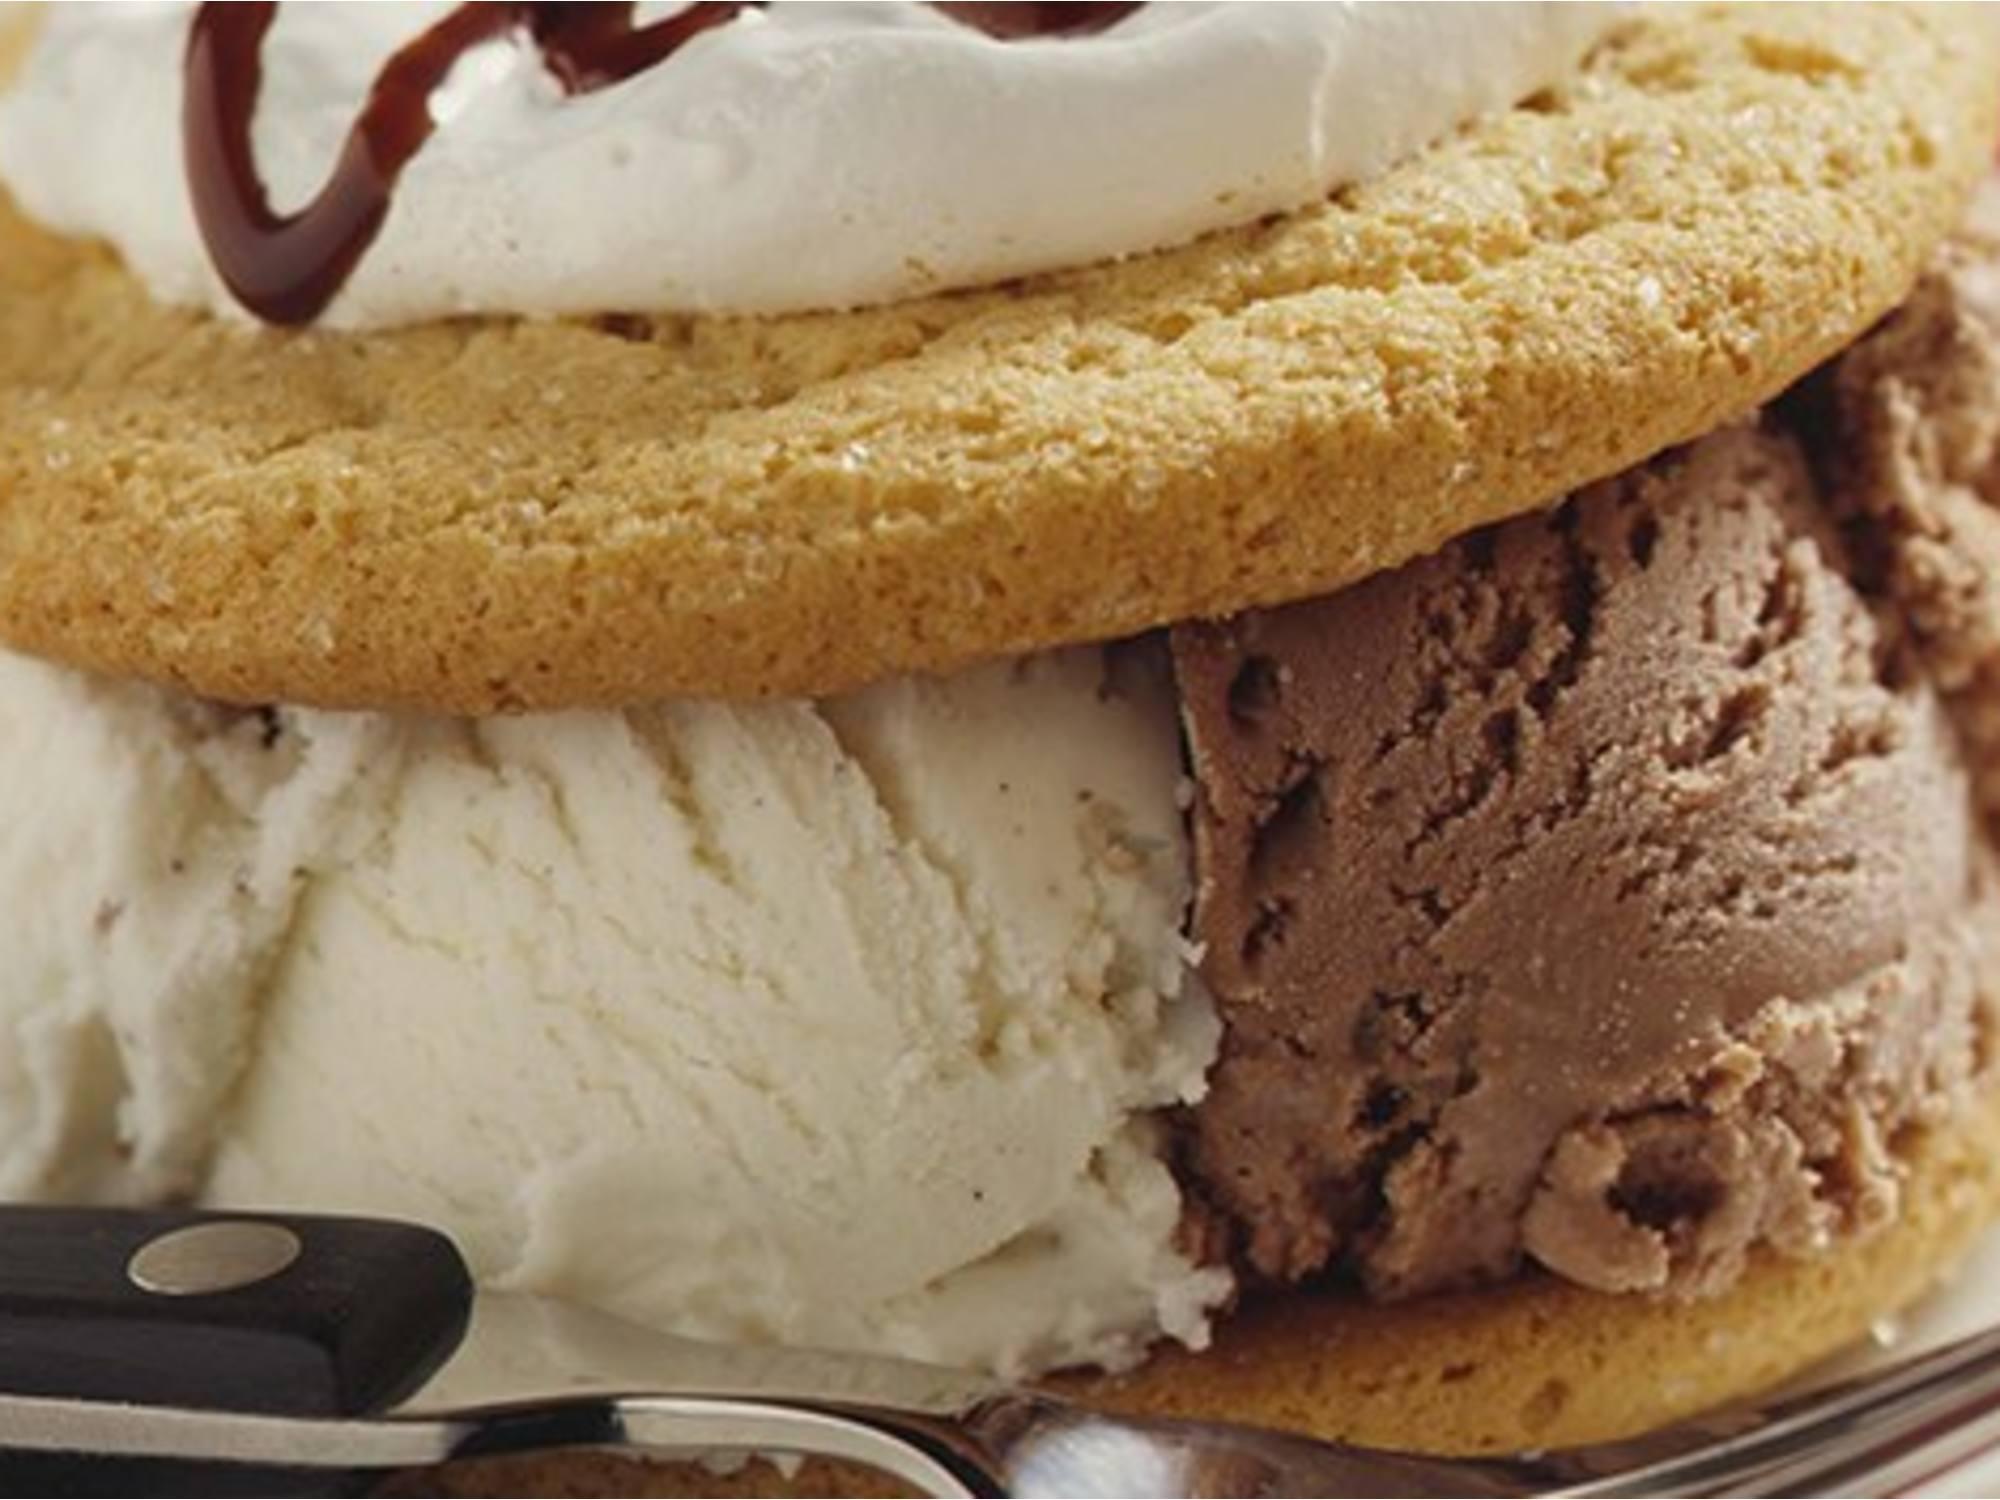 Sándwiches helados blancos y negros